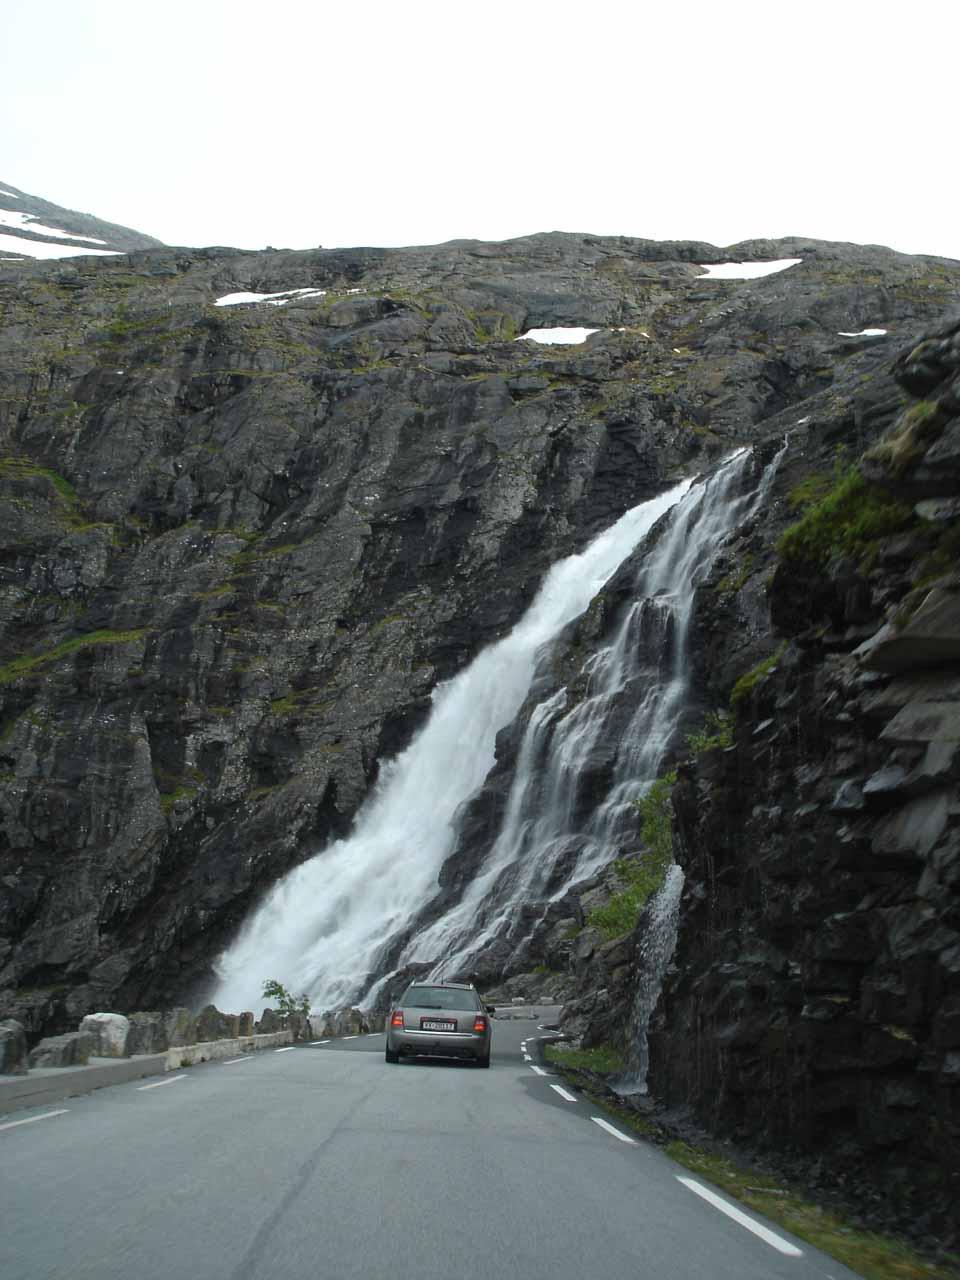 Still following a car on the narrow road as we were headed back down Trollstigen